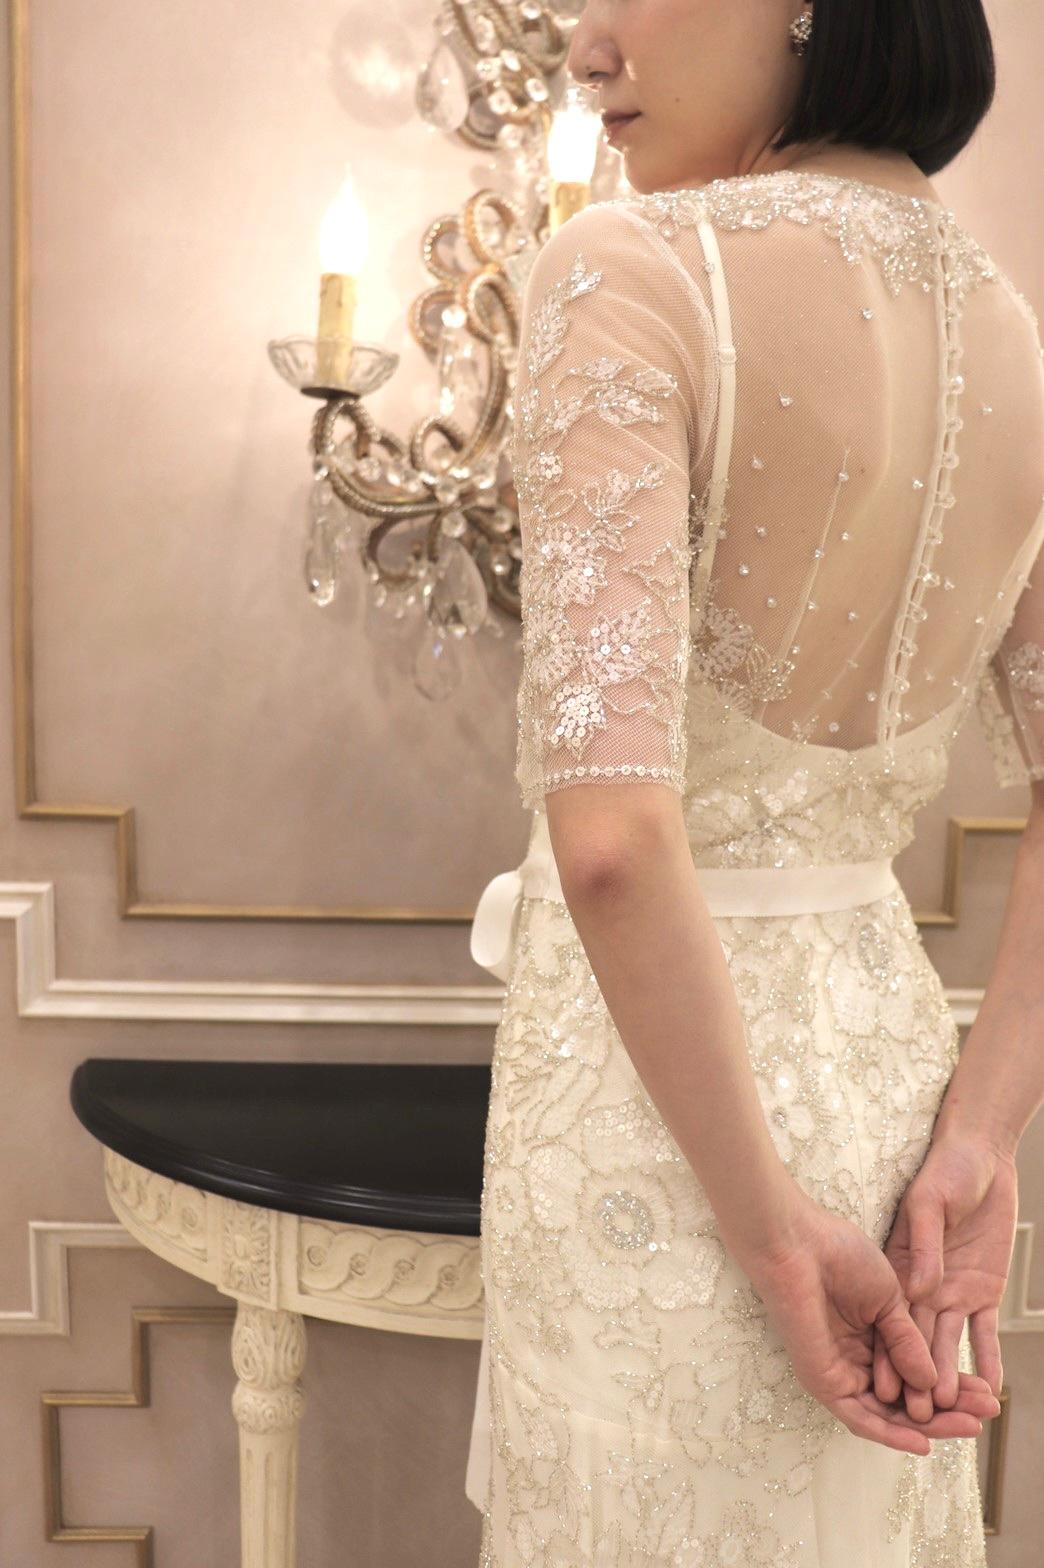 おしゃれなインポートのウェディングドレスがお好きな新婦様におすすめのジェニーパッカムのウェディングドレス